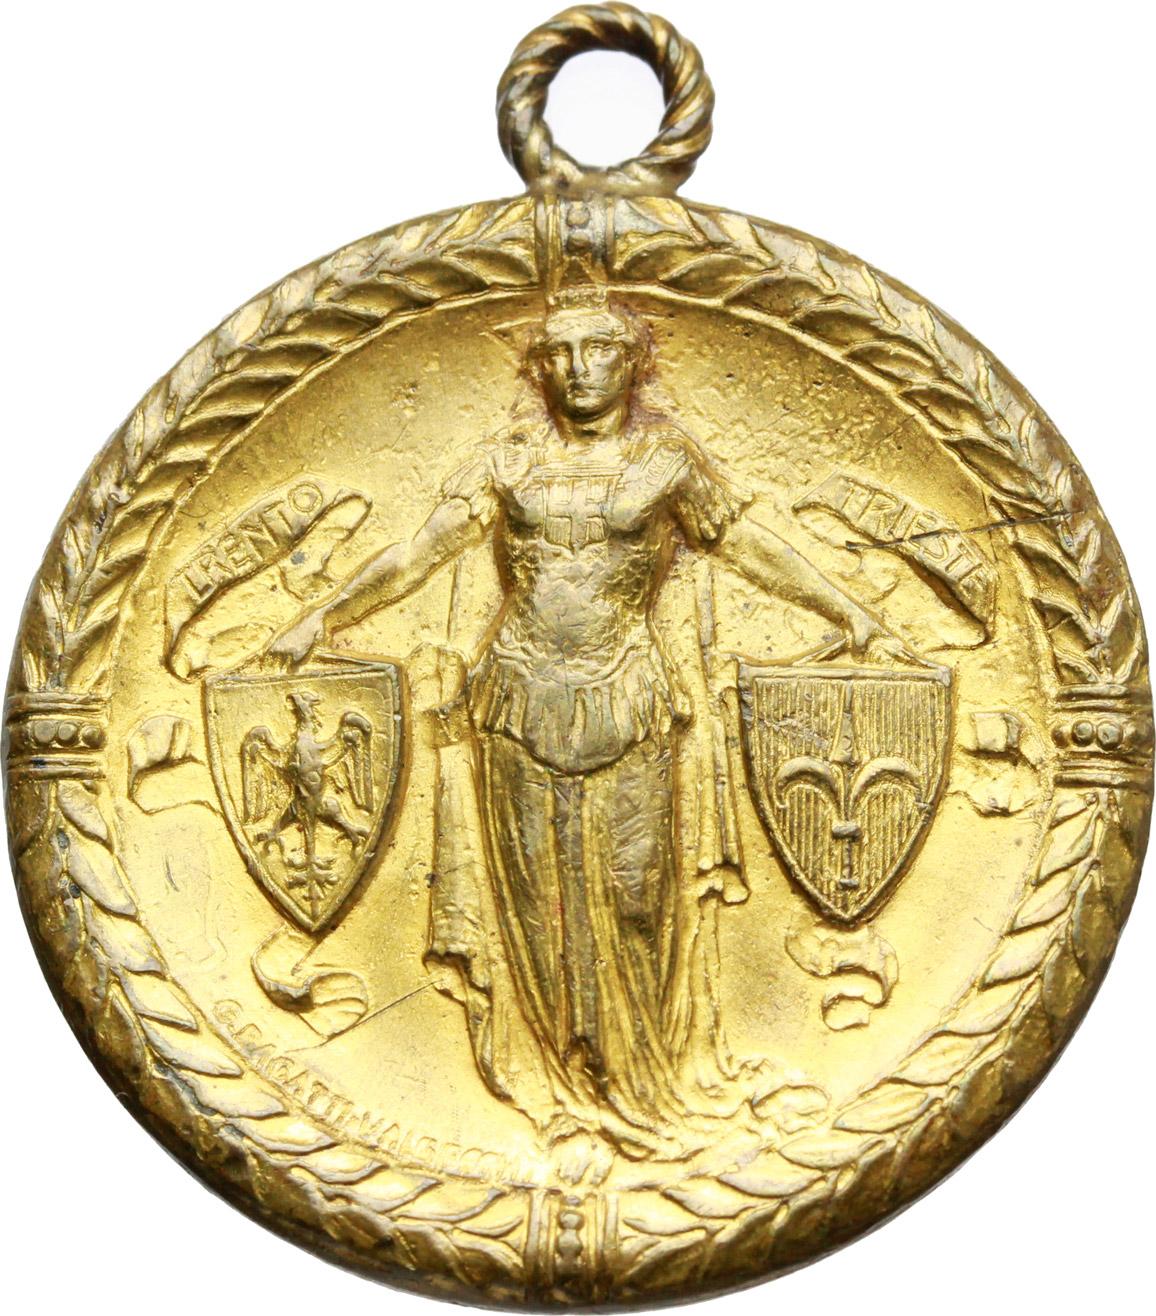 D/  Medaglia Milano riconoscente Natale 1918.     AE dorato.   mm. 31.00    BB.